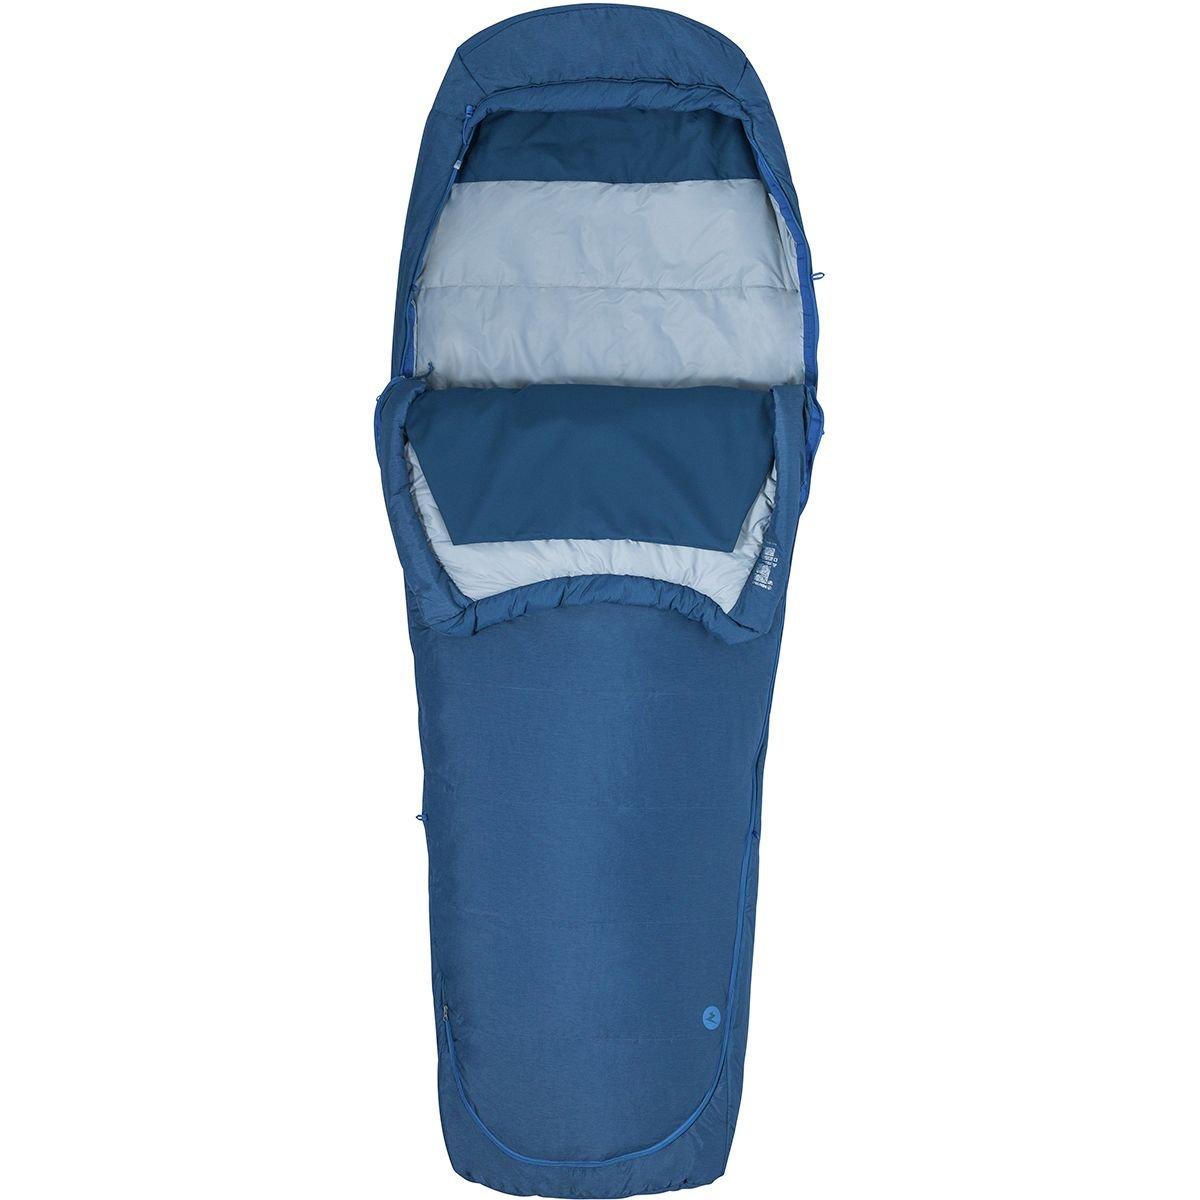 Marmot Kona 20 Sleeping Bag Long B079YX27SJ